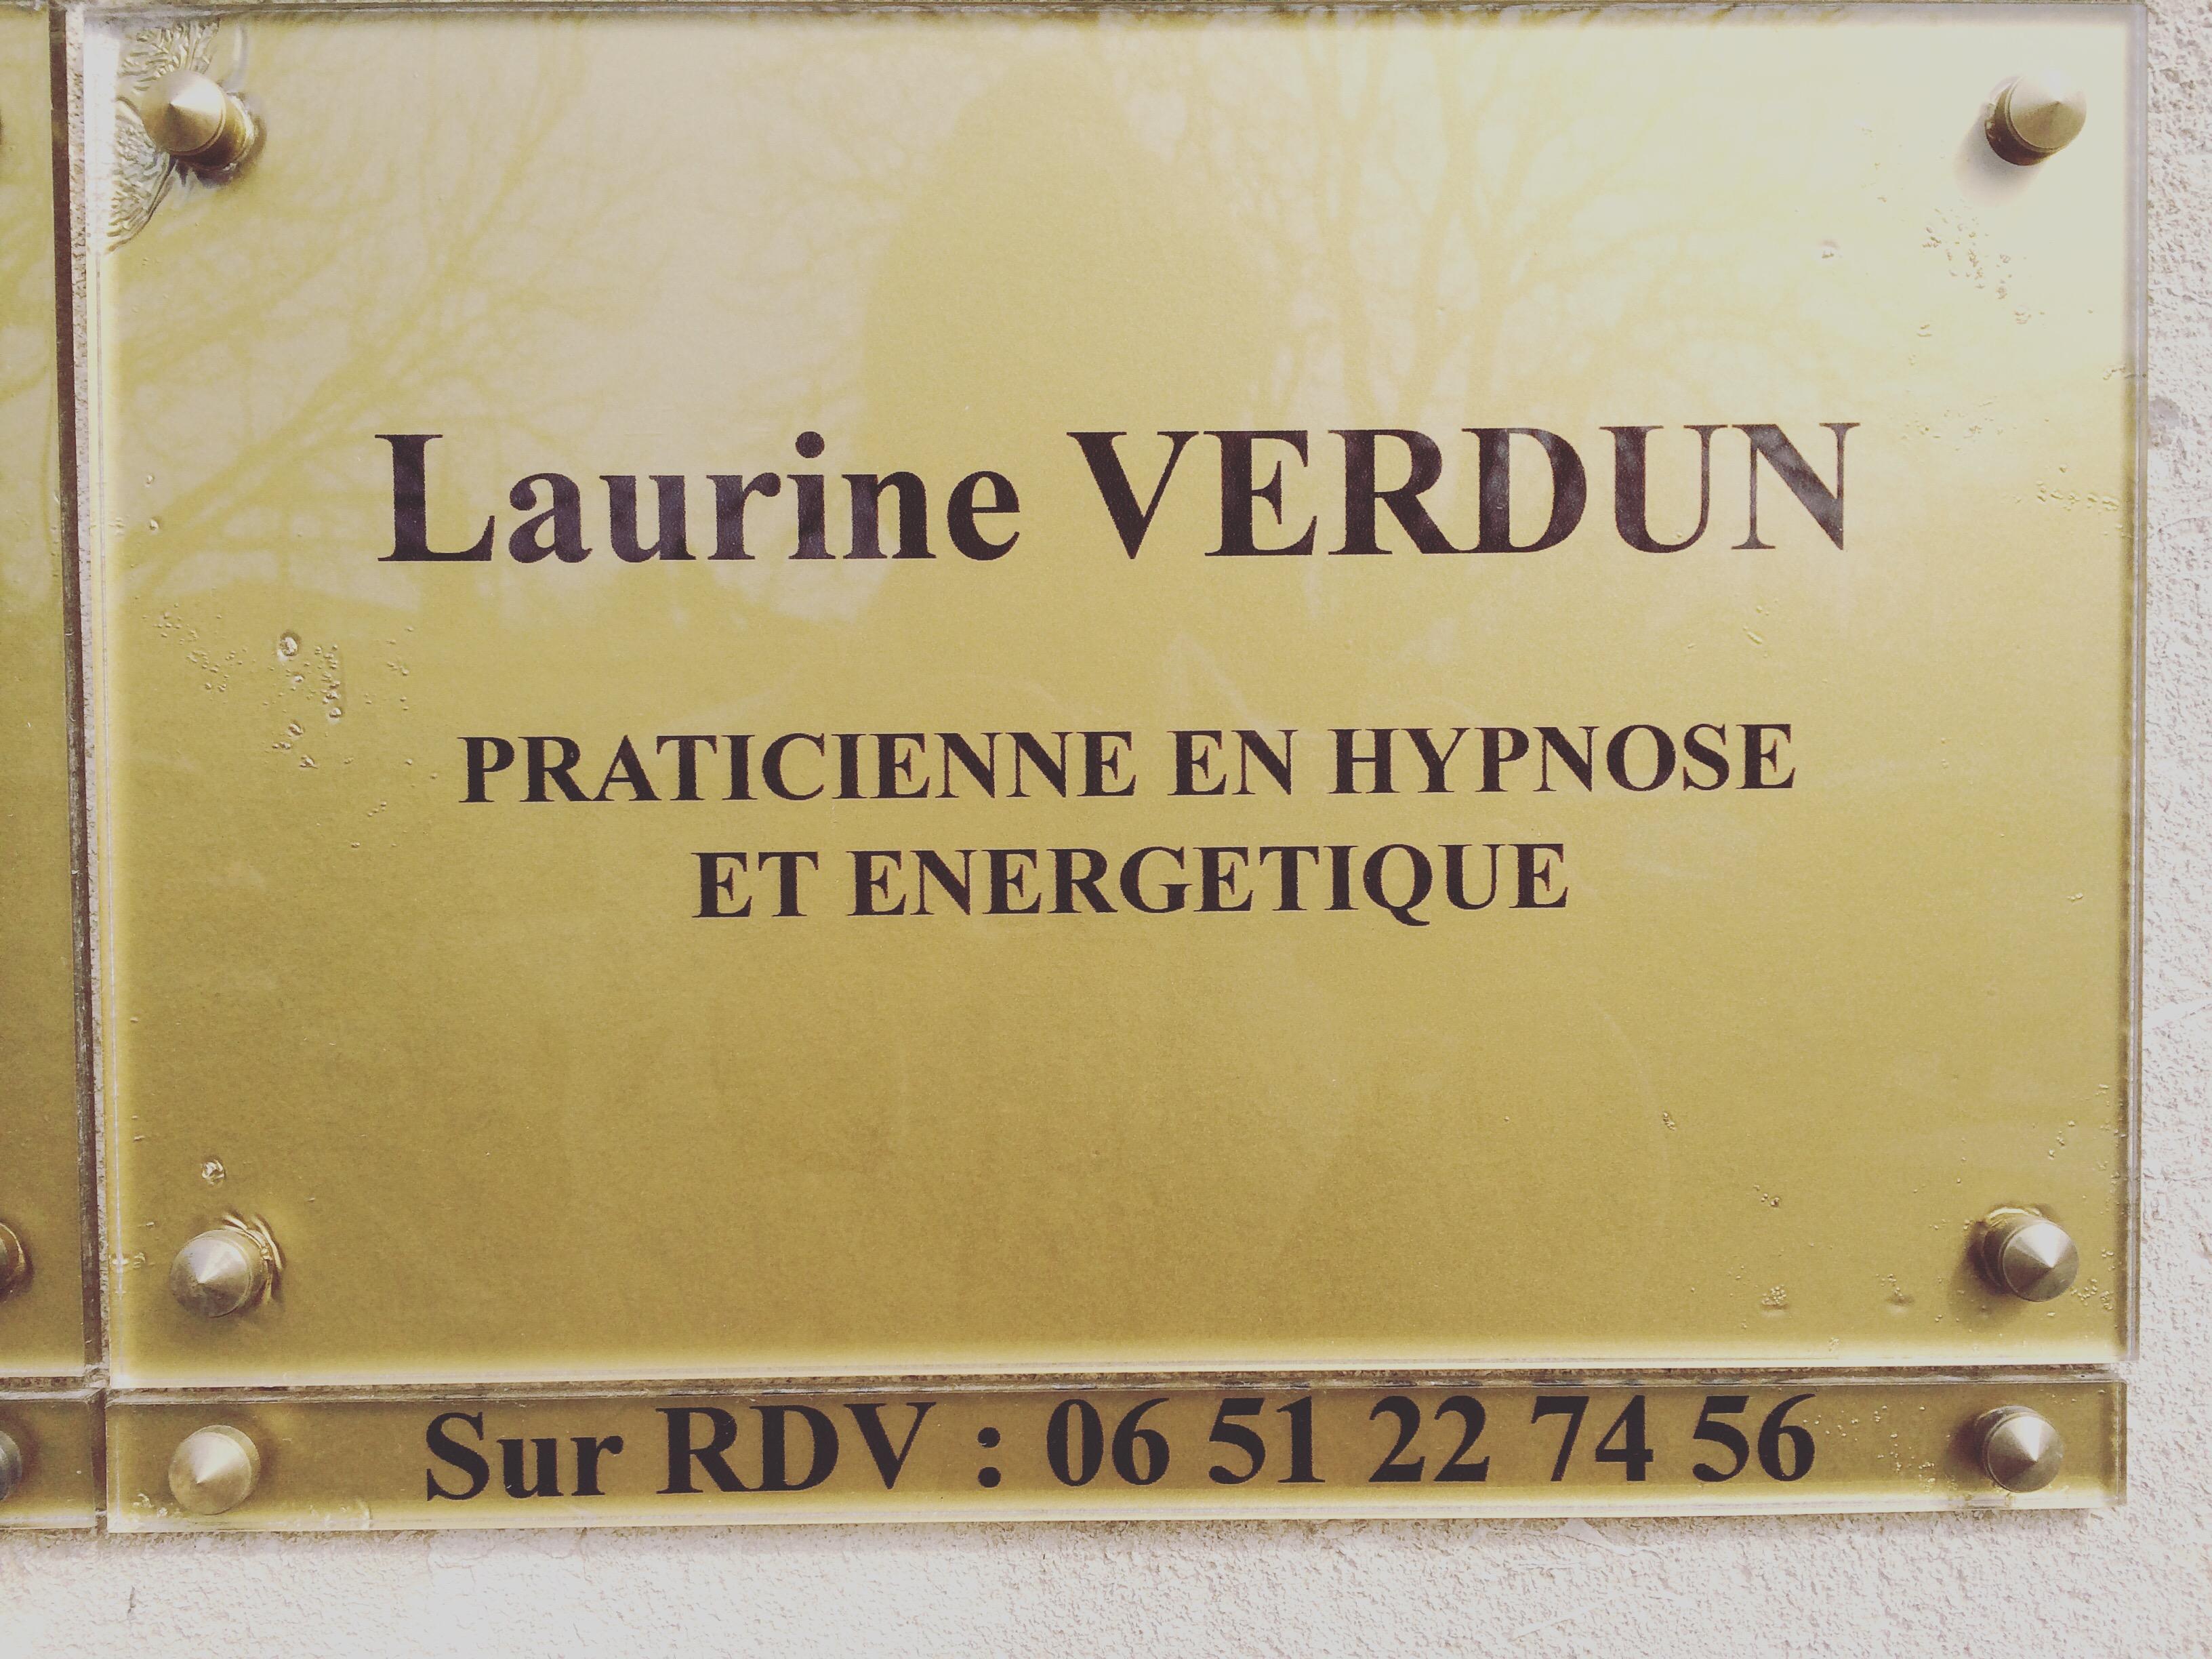 Laurine Verdun Hypnose et Soins énergétiques